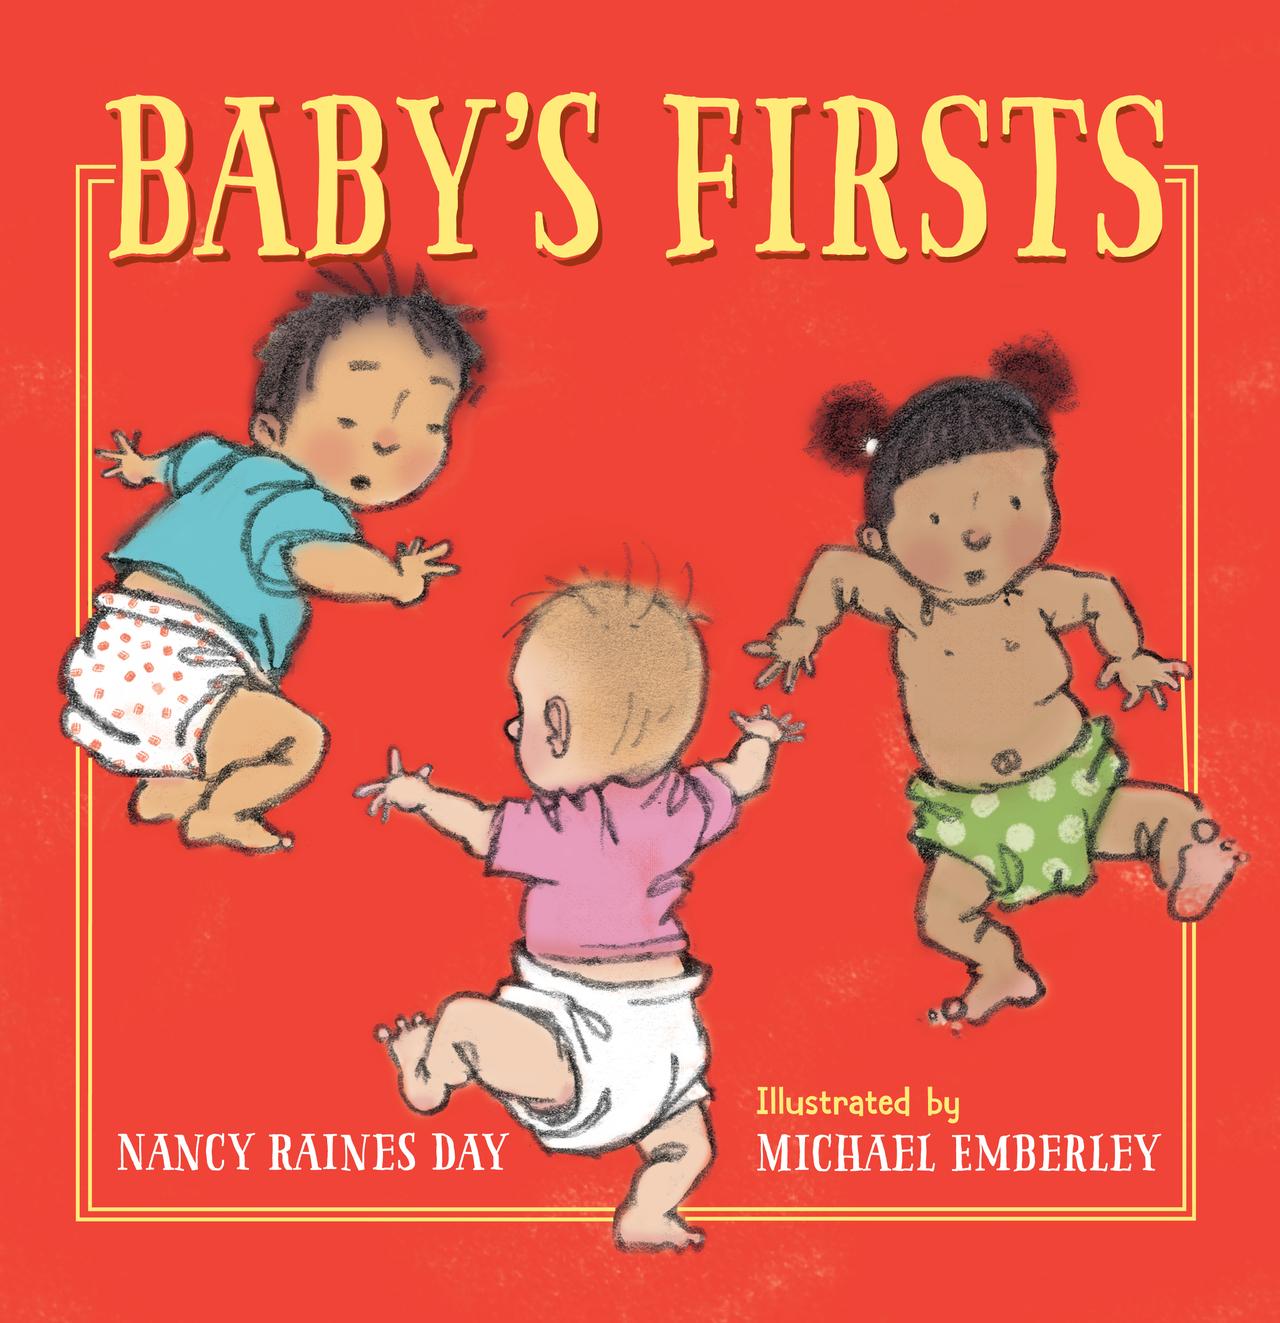 Babys firsts hi res cvr